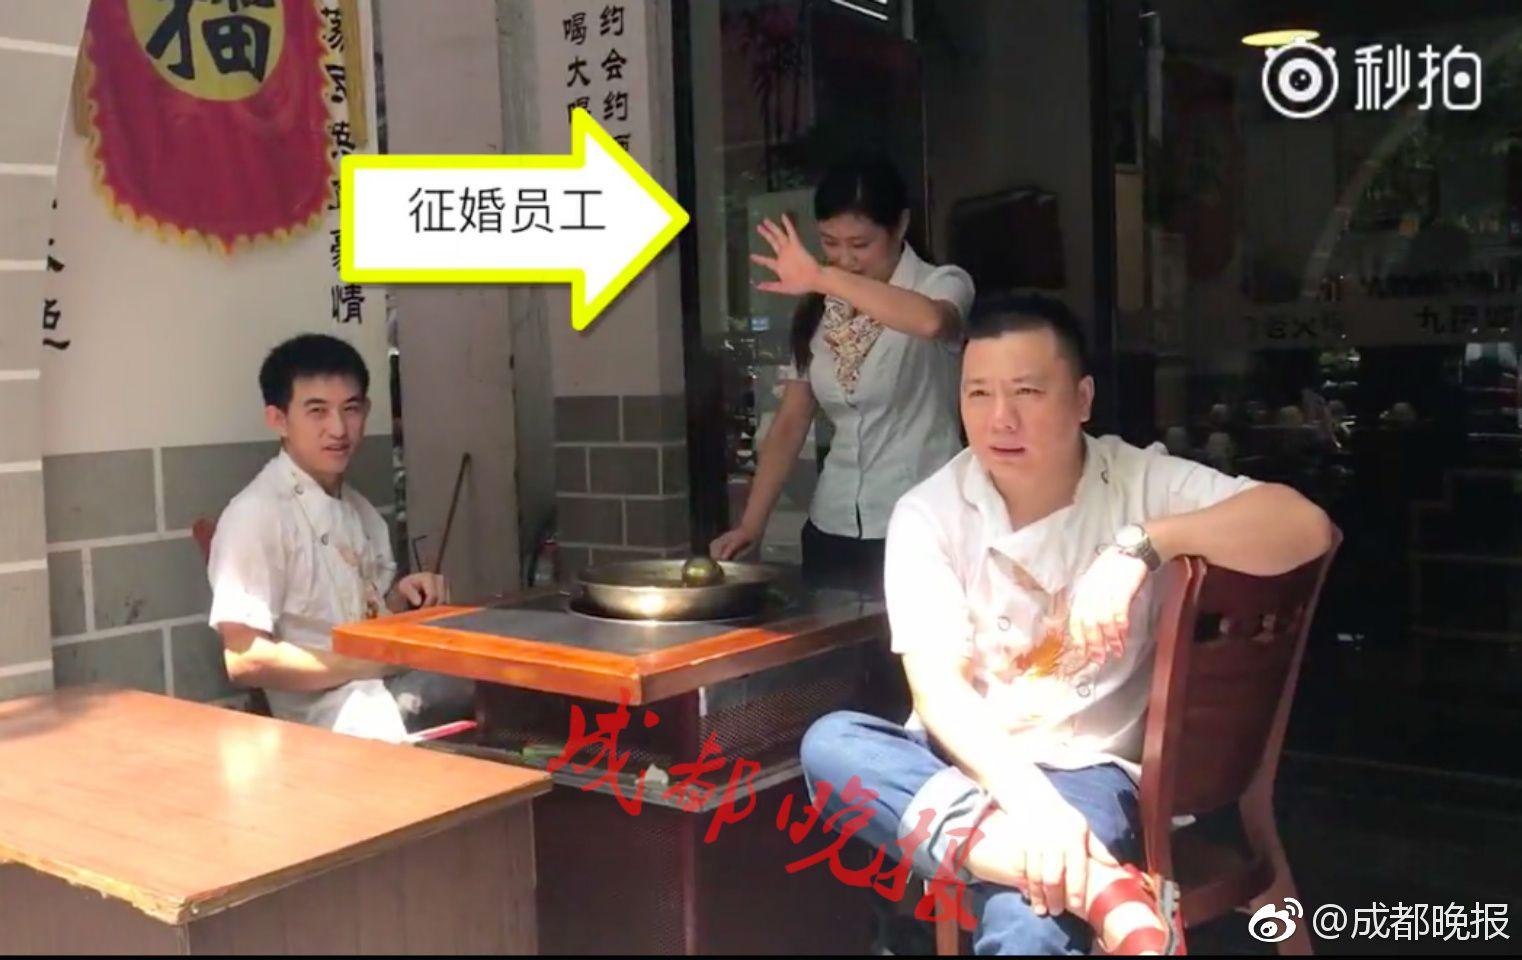 重庆一火锅店为42岁女员工征婚 承诺免费提供婚宴